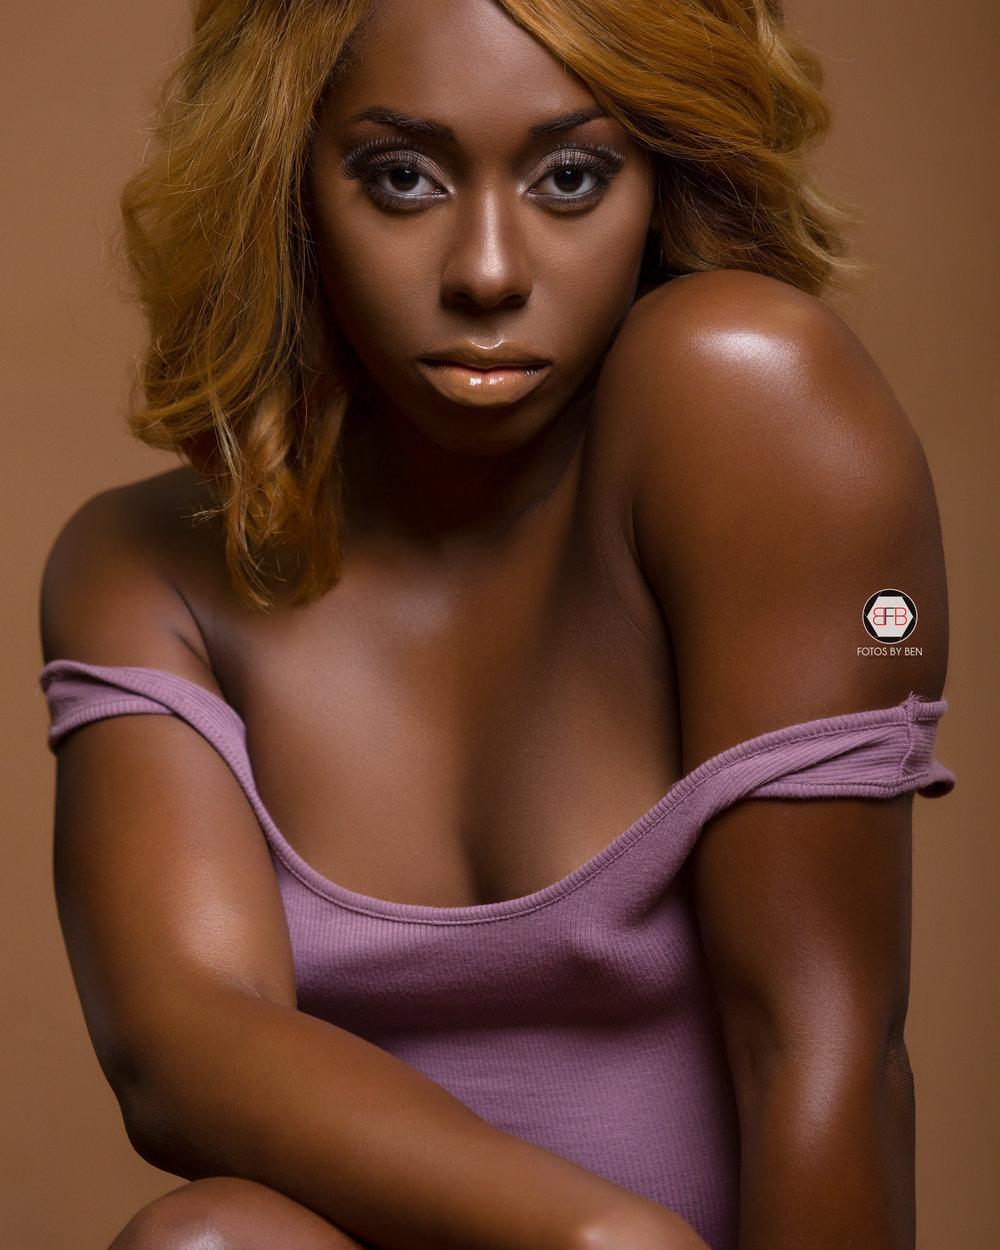 Brown Skin-0103.jpg